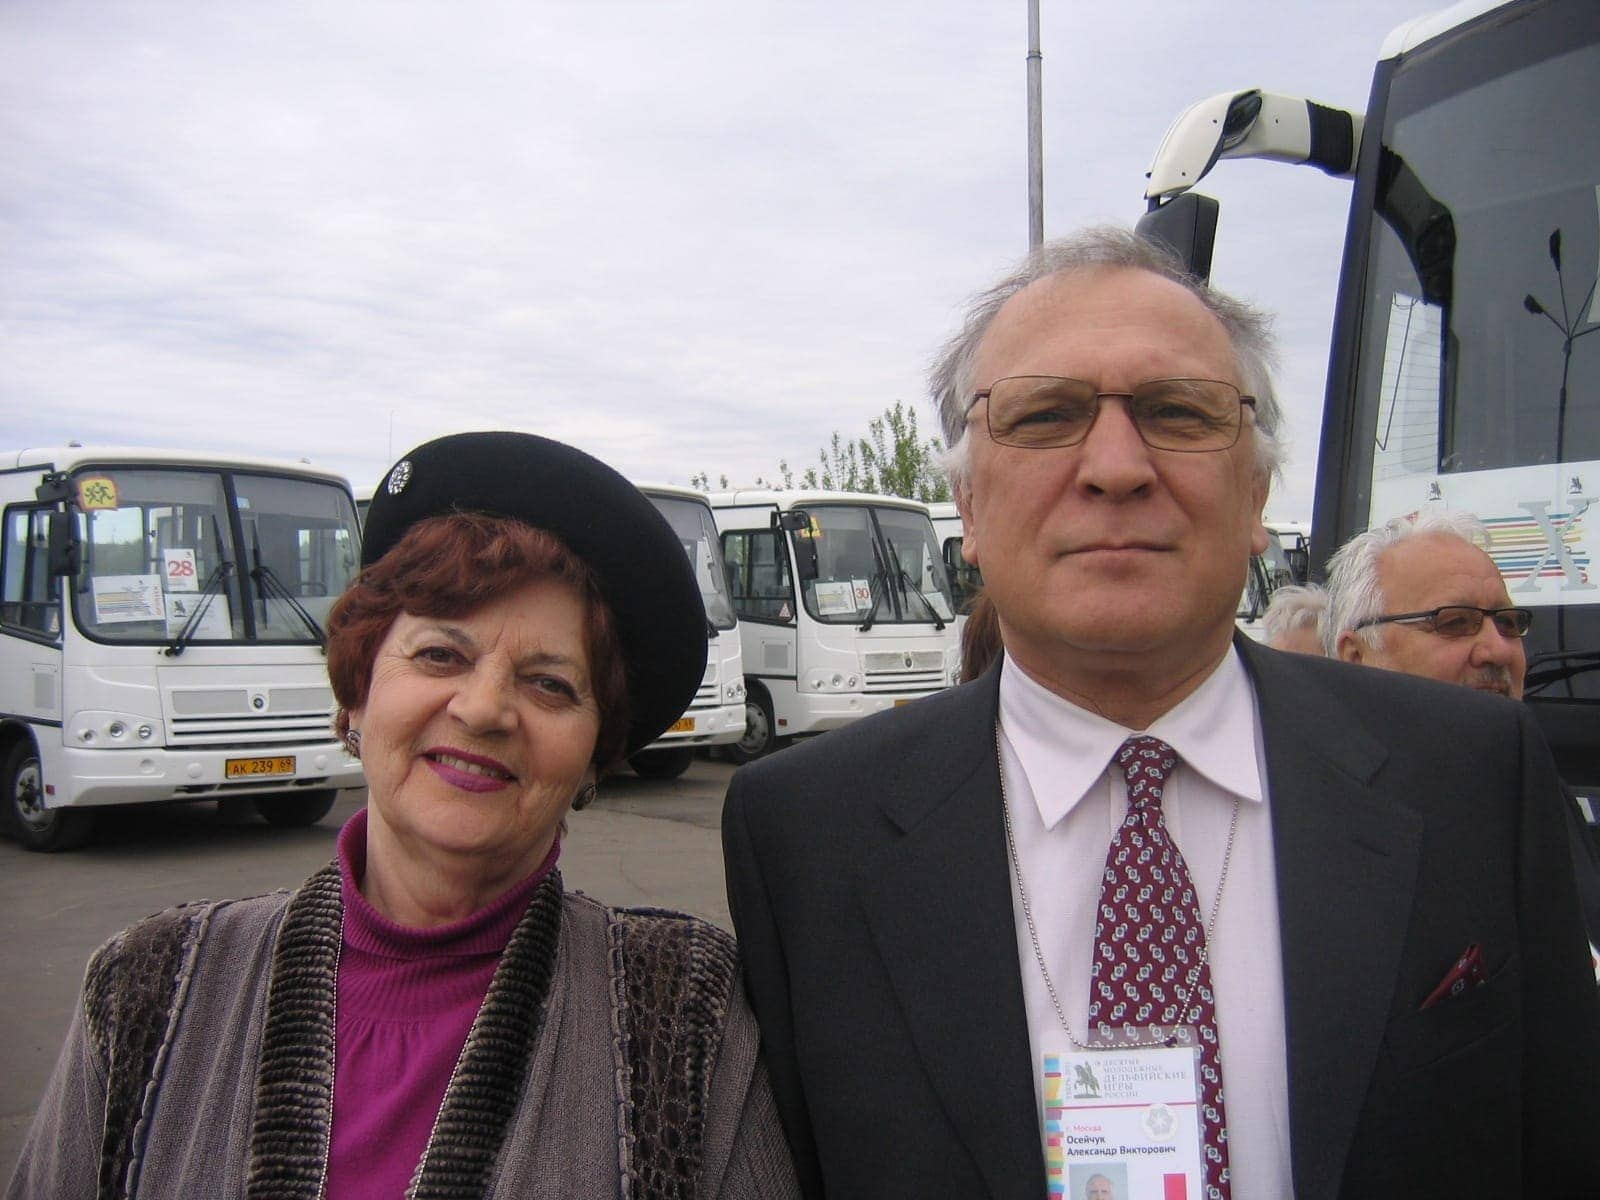 Маргарита Шапошникова и Александр Осейчук в жюри Дельфийских игр